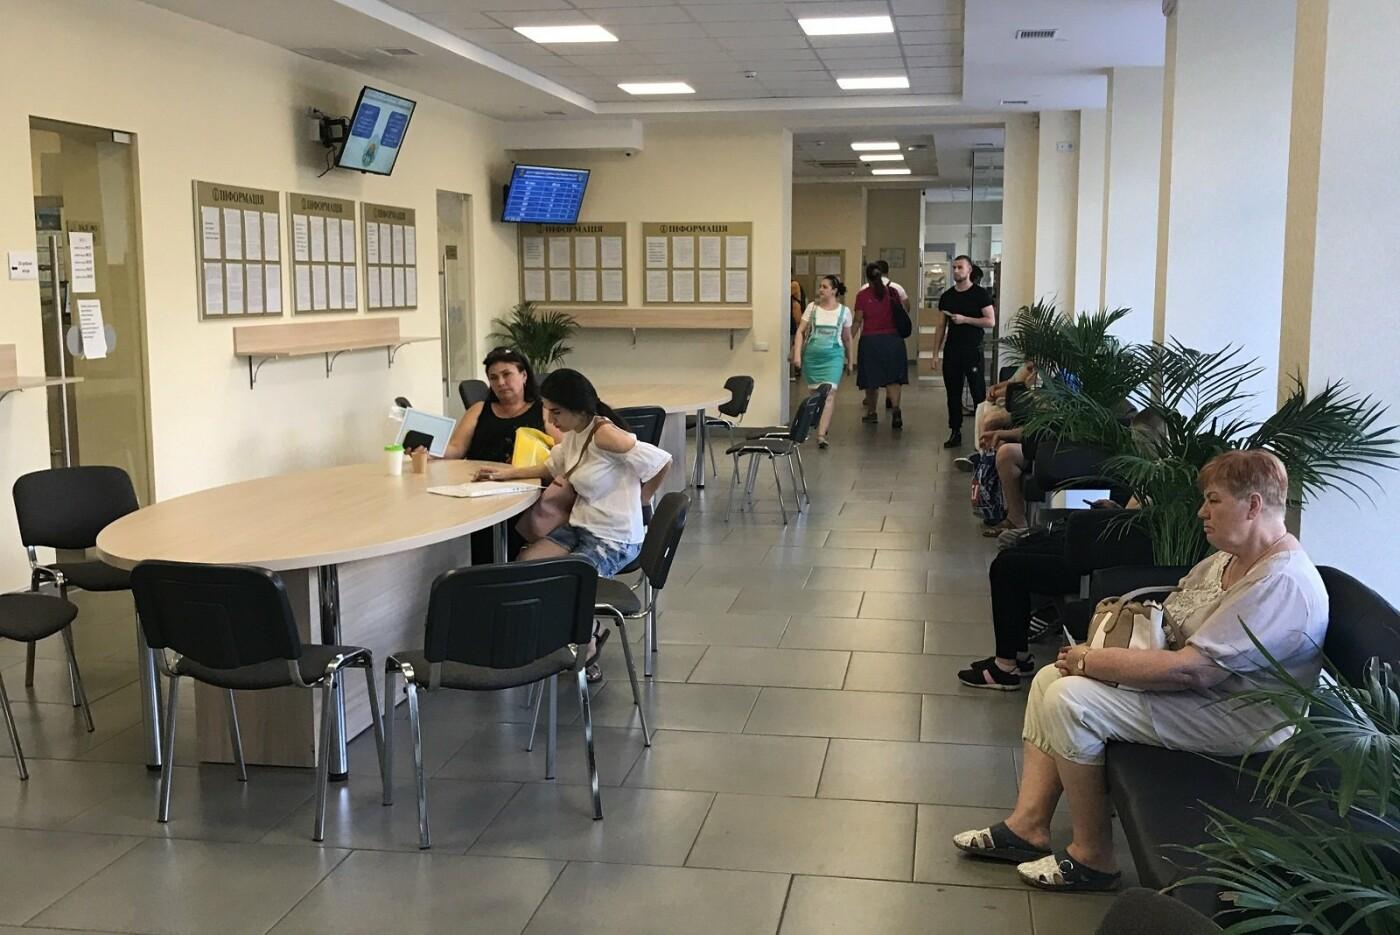 Столичная прописка: как зарегистрироваться в Киеве и что для этого нужно, фото: Artem Bondarenko